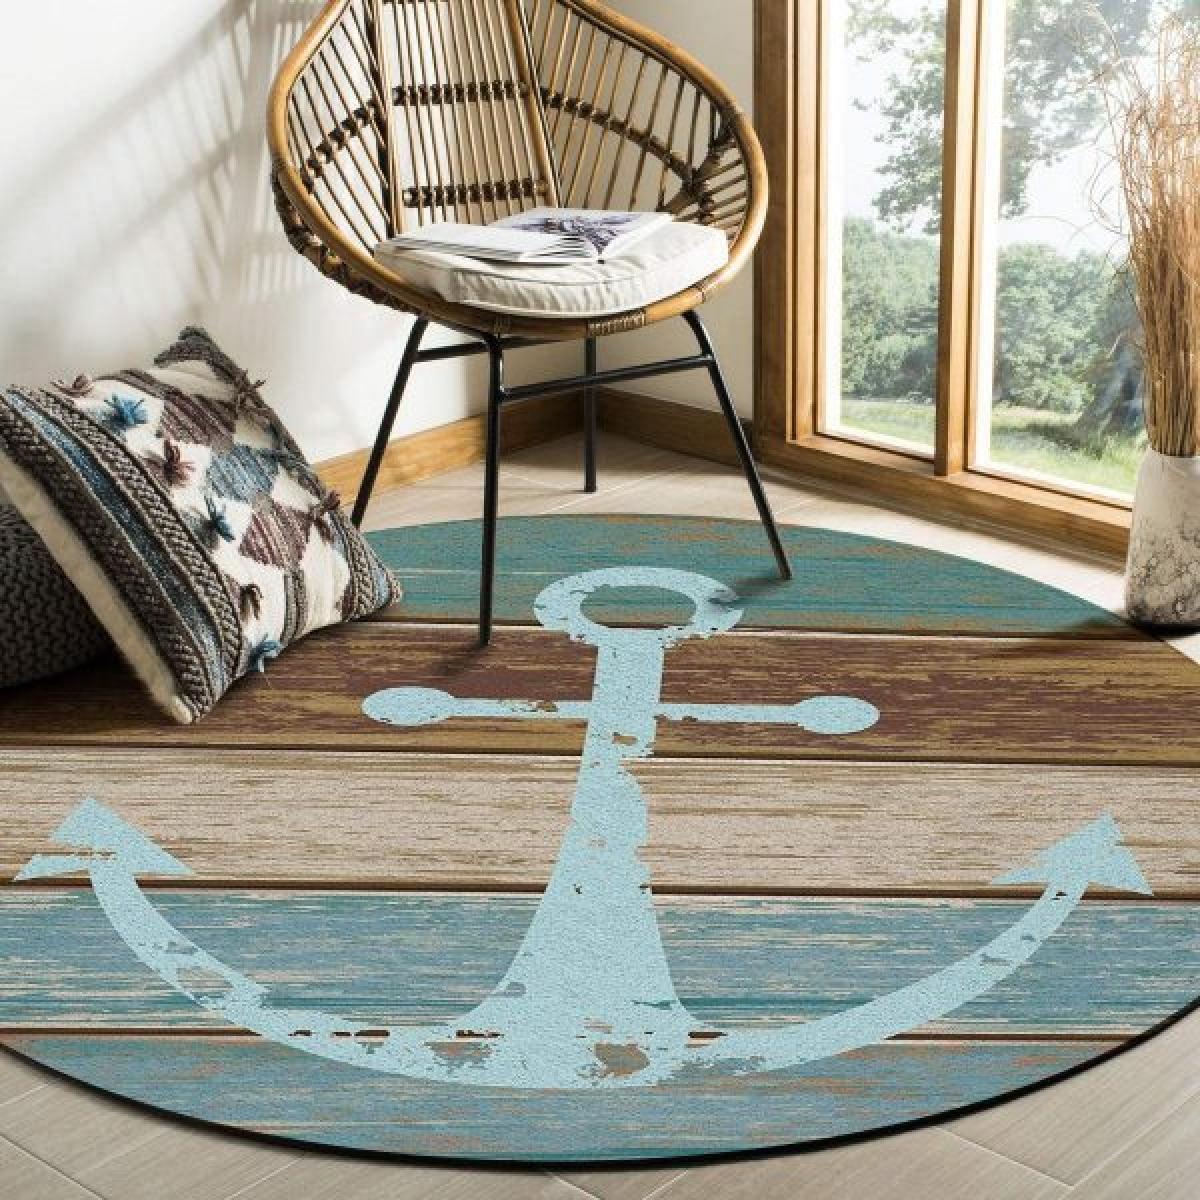 Vải thảm được làm từ sợi tổng hợp, chống trượt, chống bám bẩn. Nó cũng không dễ phai màu, lý tưởng trong mọi điều kiện khí hậu.